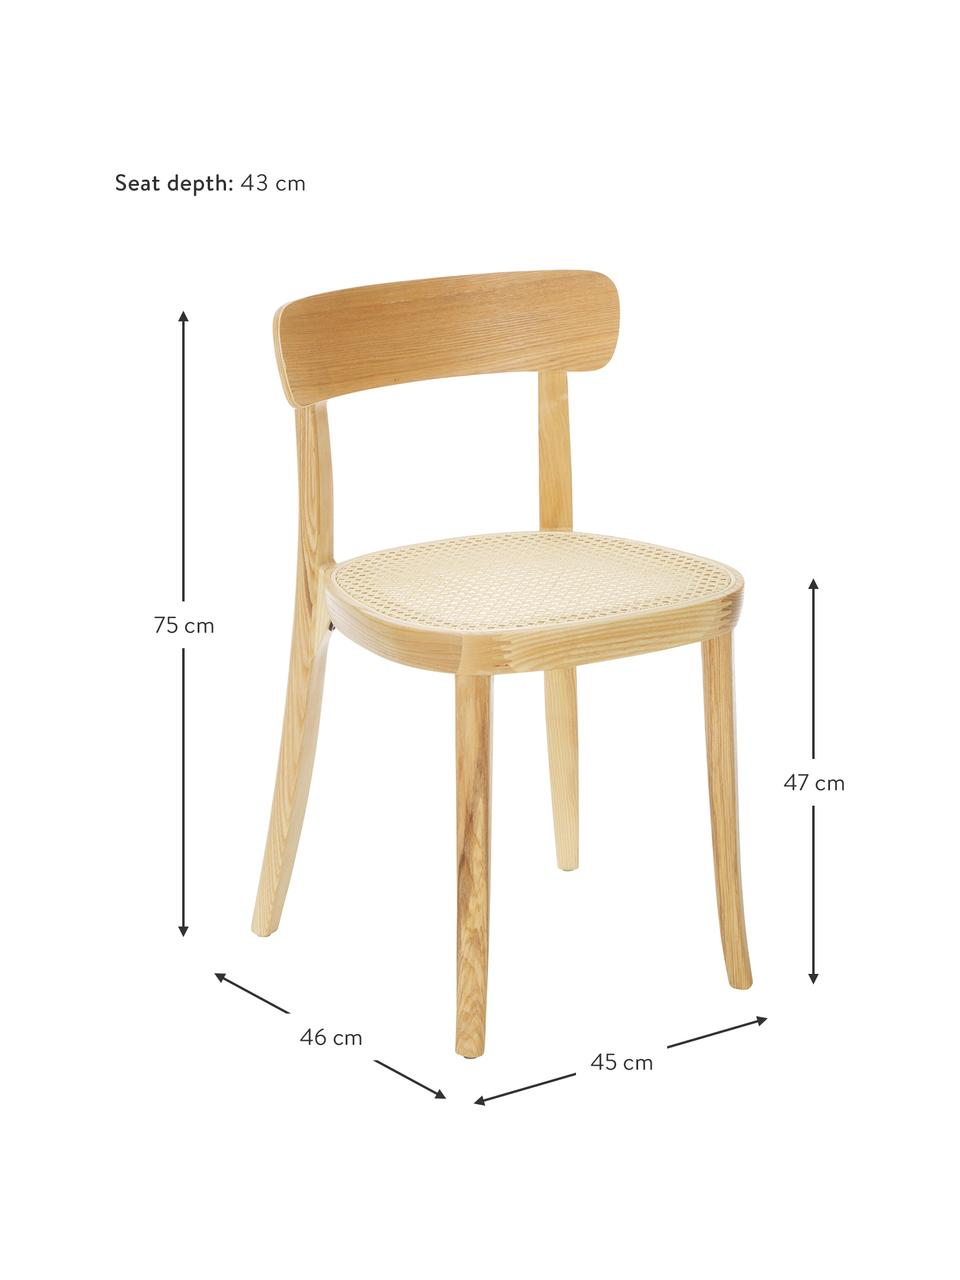 Holzstühle Richie mit Wiener Geflecht, 2 Stück, Sitzfläche: Rattan, Gestell: Eschenholz, massiv, Helles Holz, 45 x 75 cm